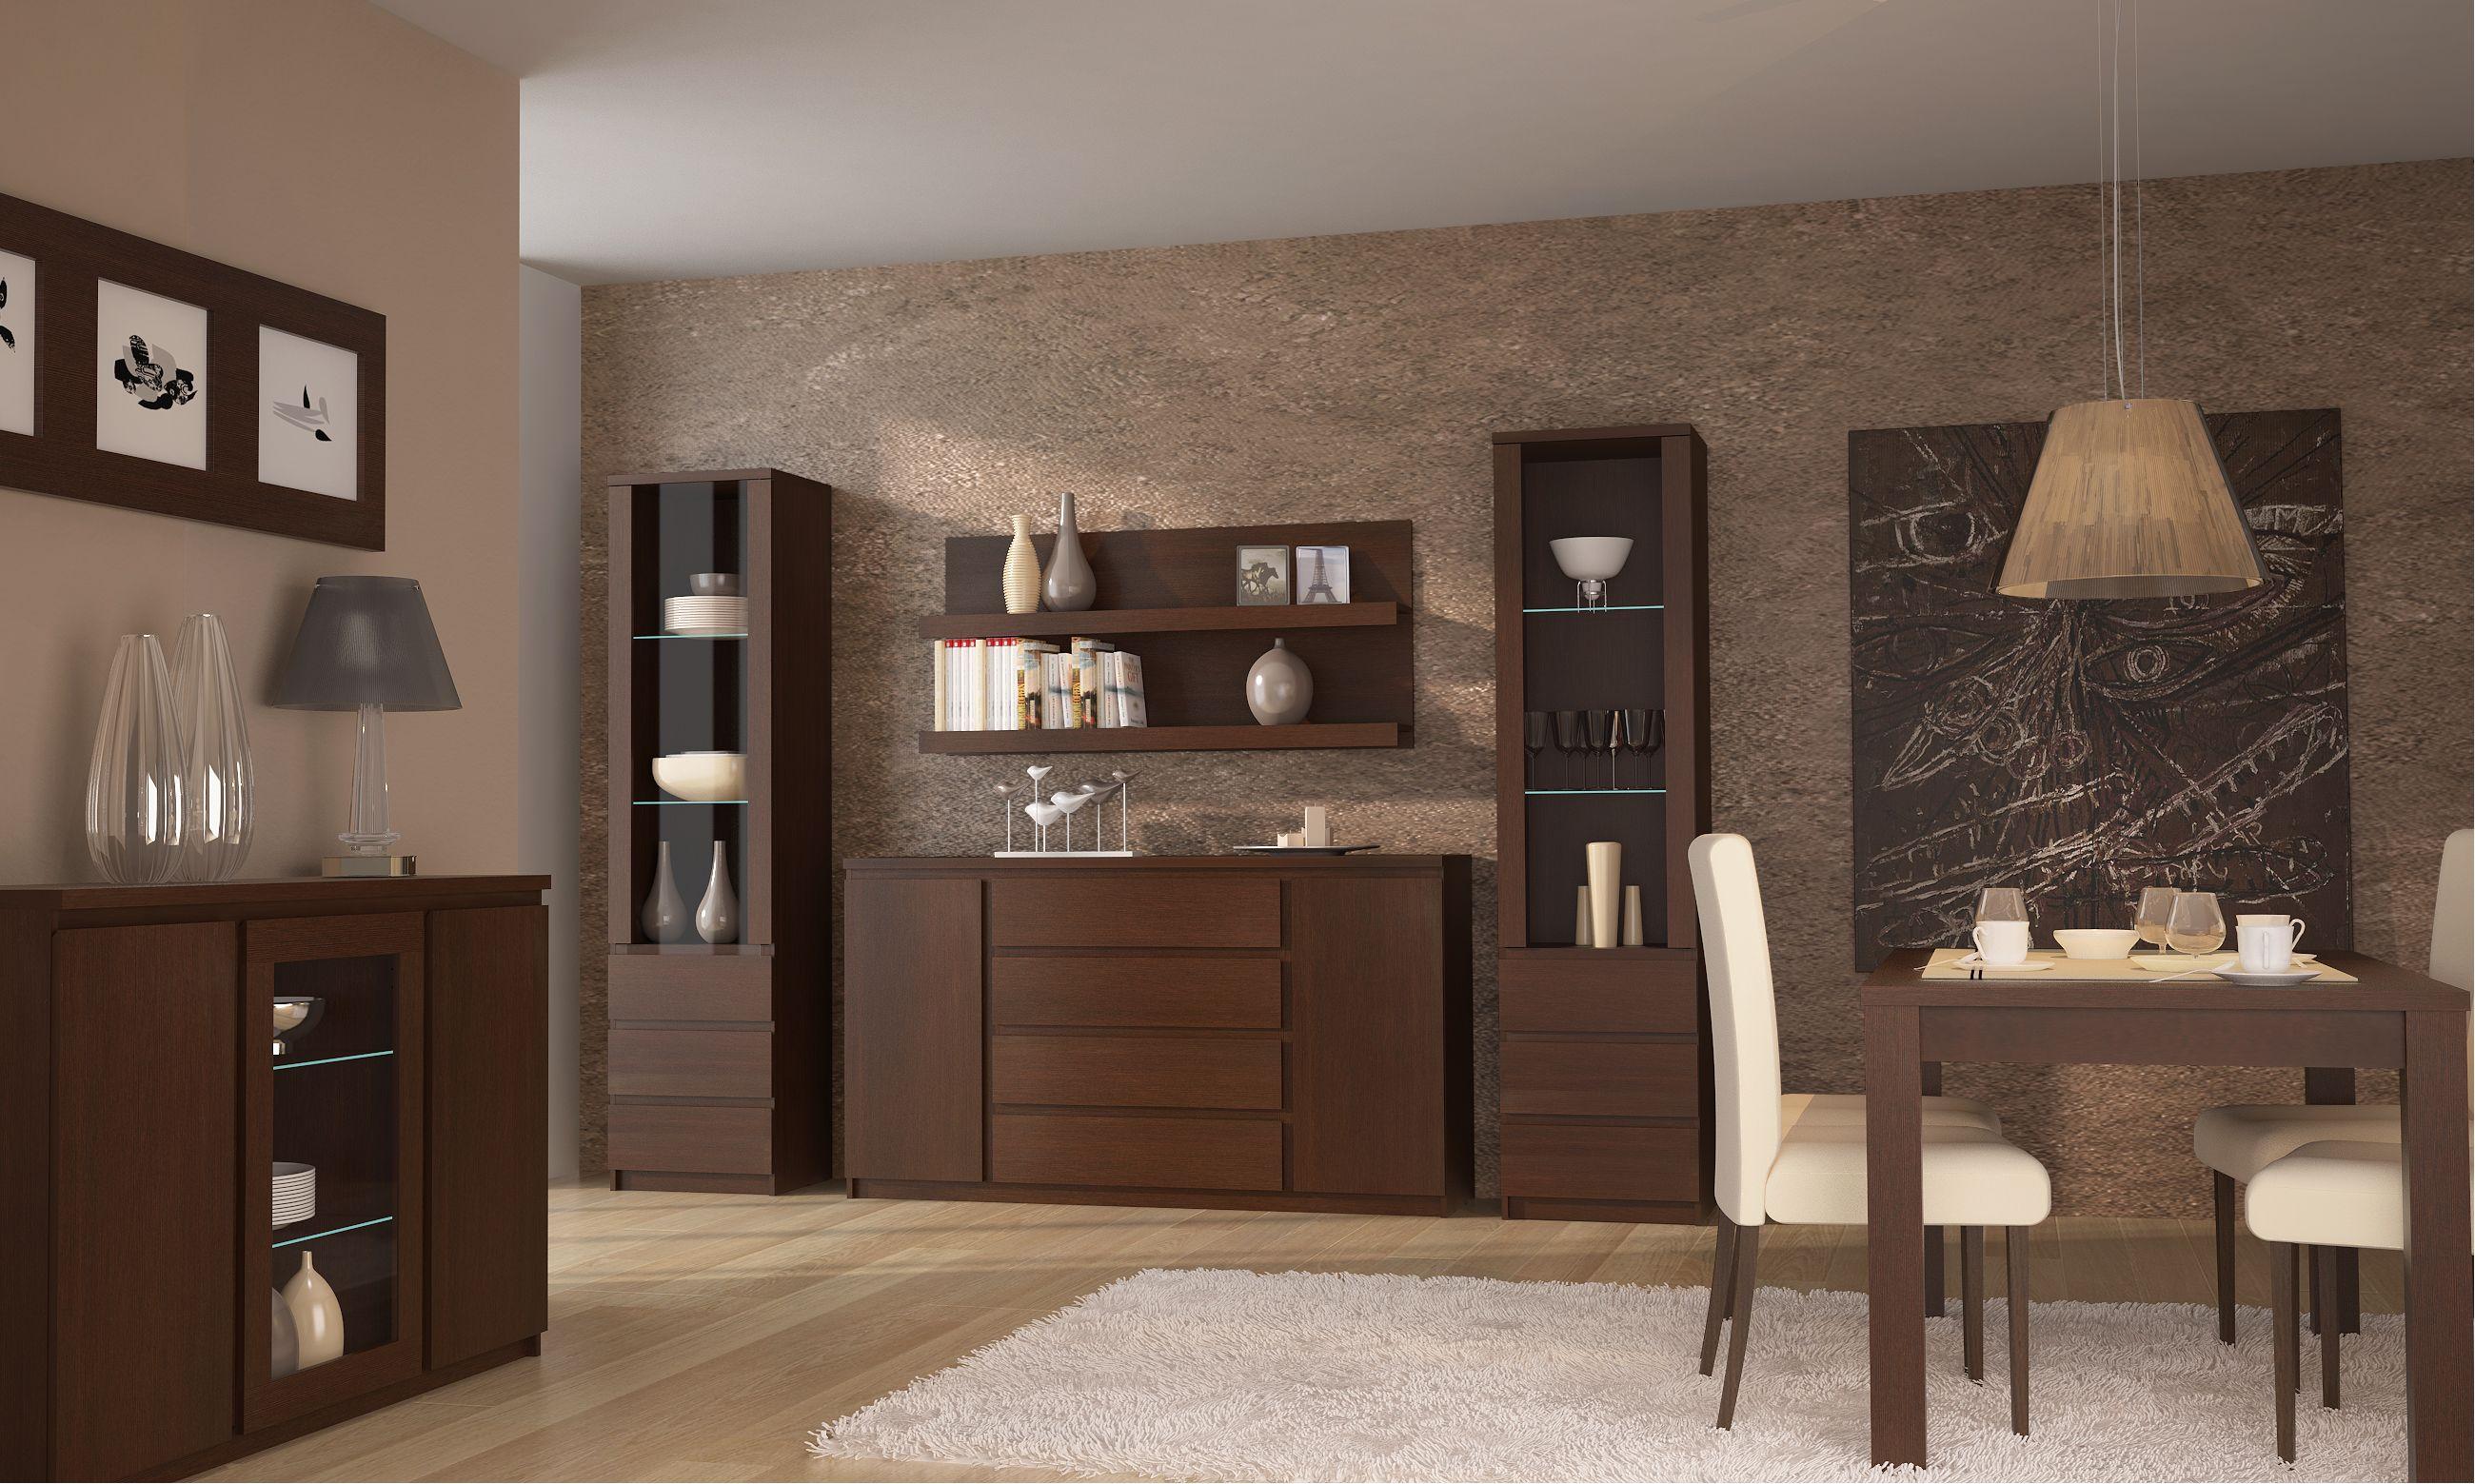 Pello 1 - oak entertainment center in 2020 | Living room ...